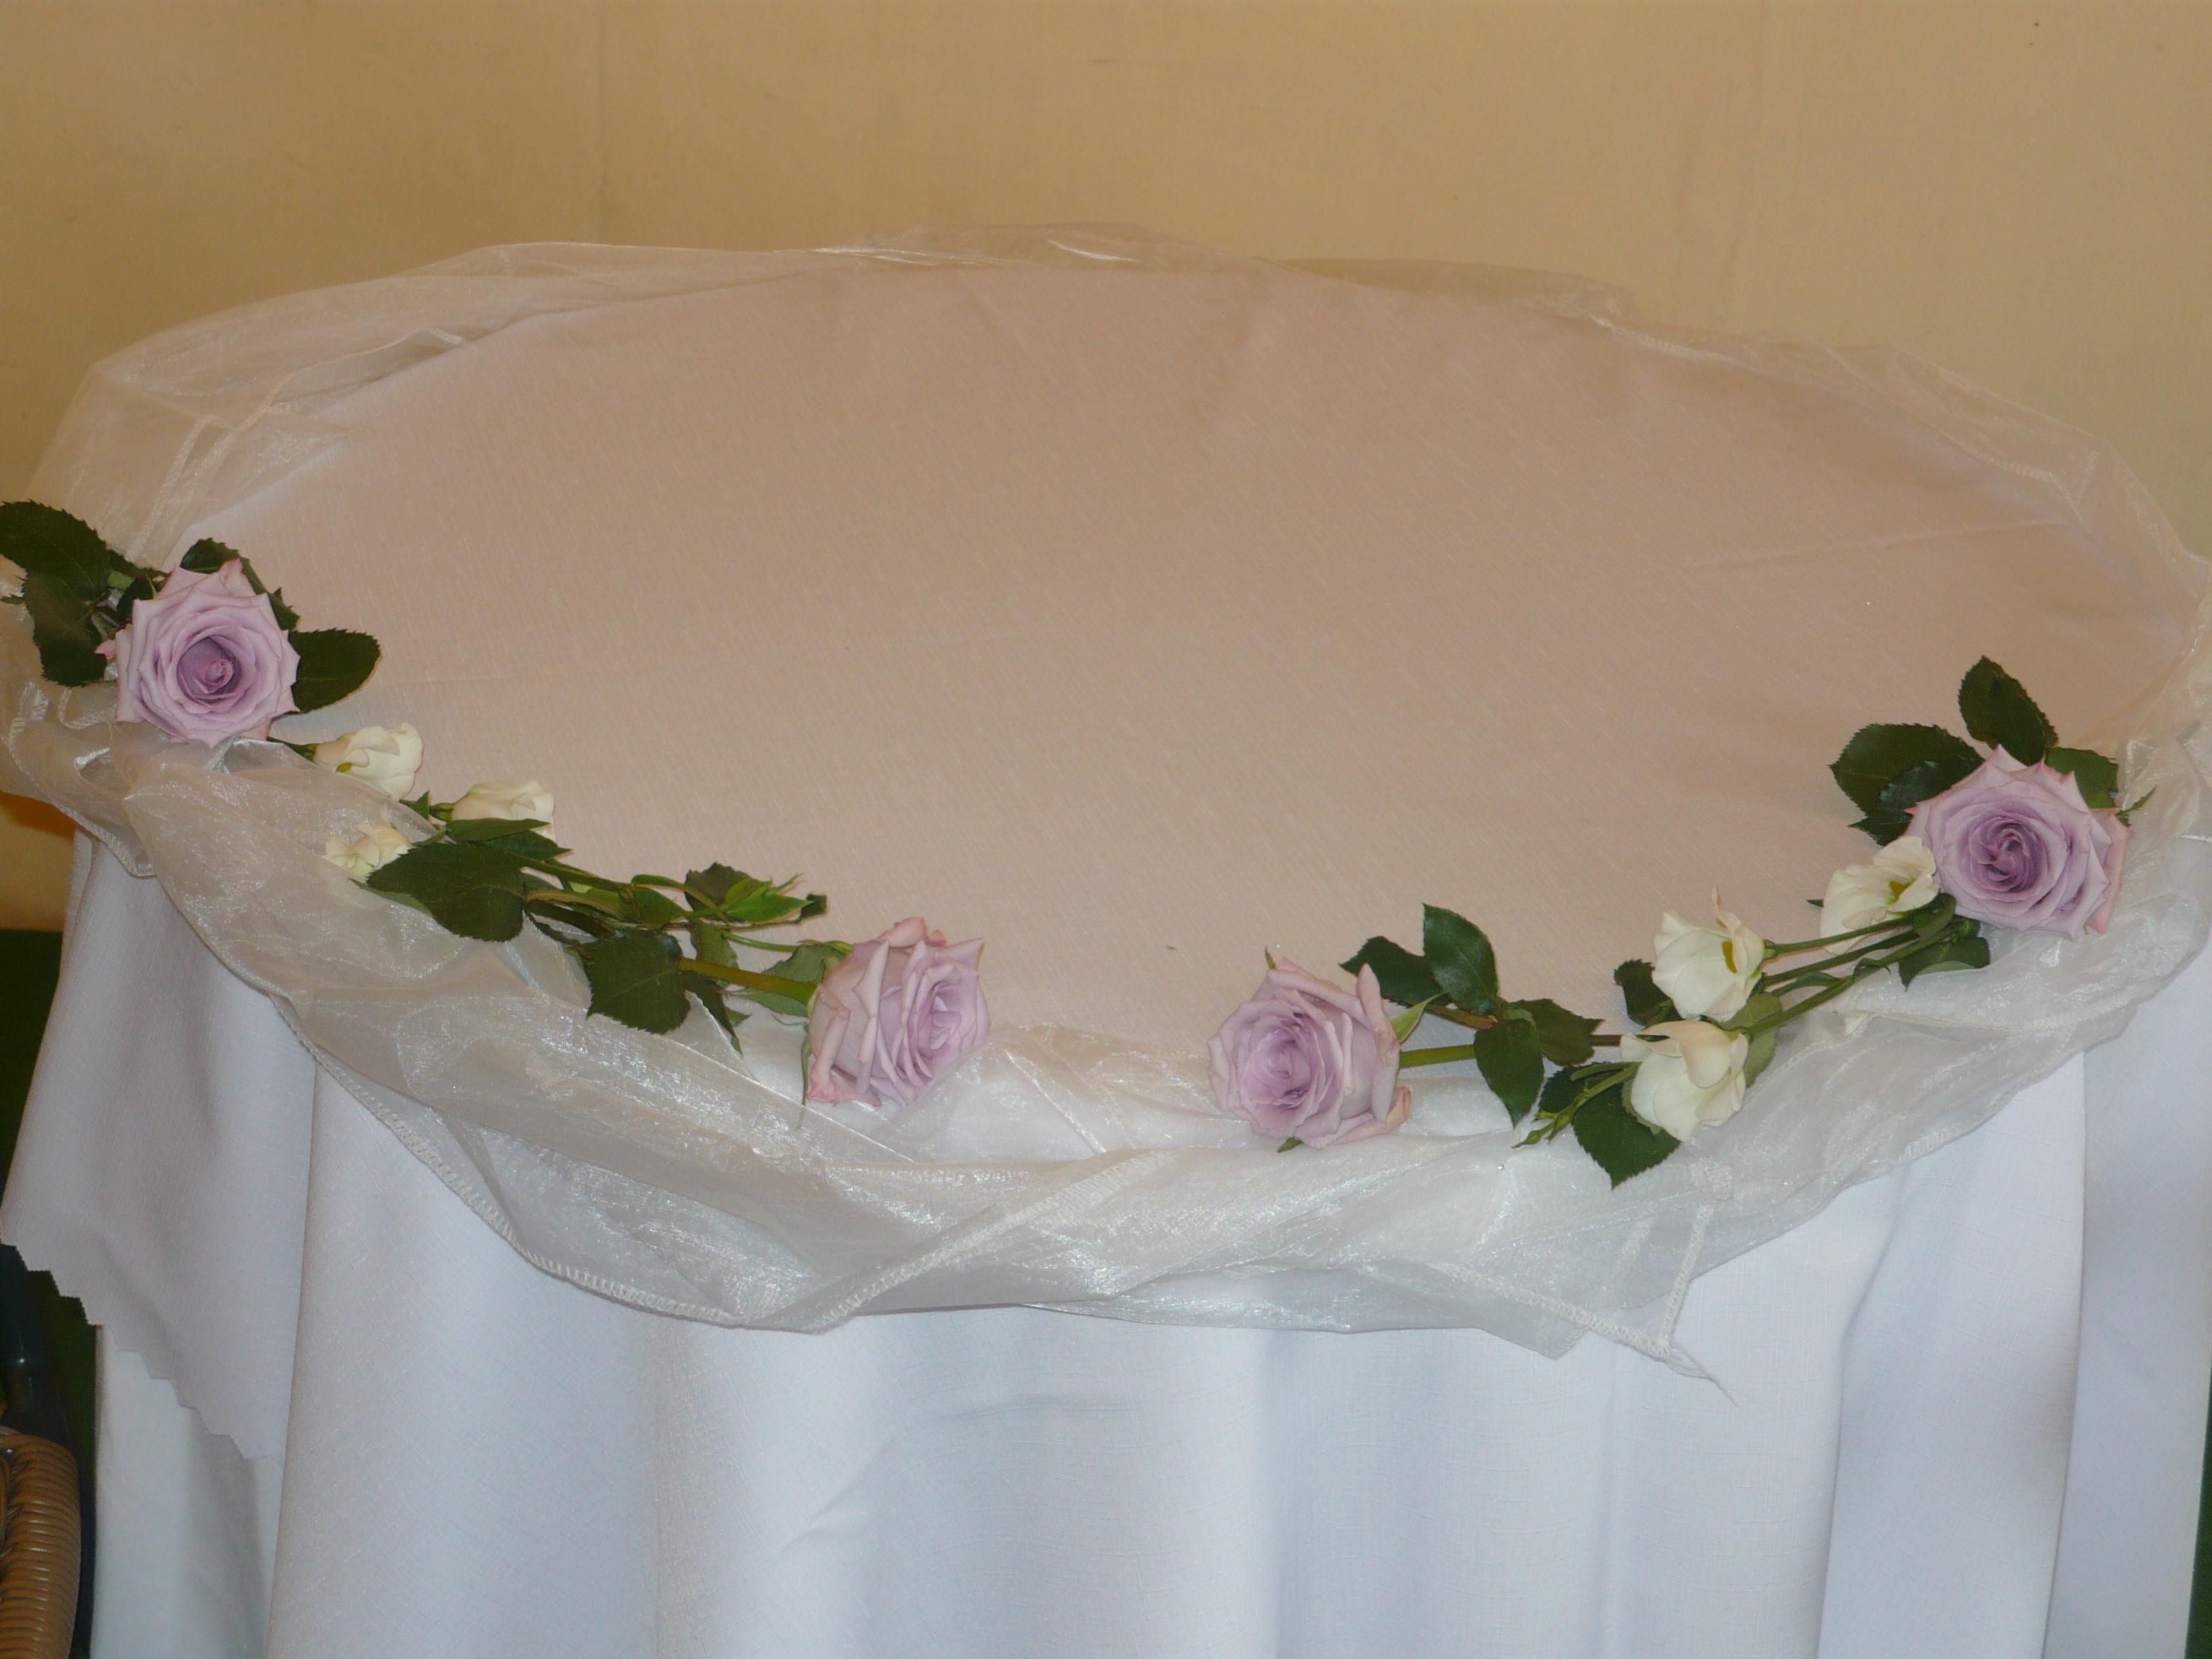 výzdoba stolu ke svatebnímu obřadu